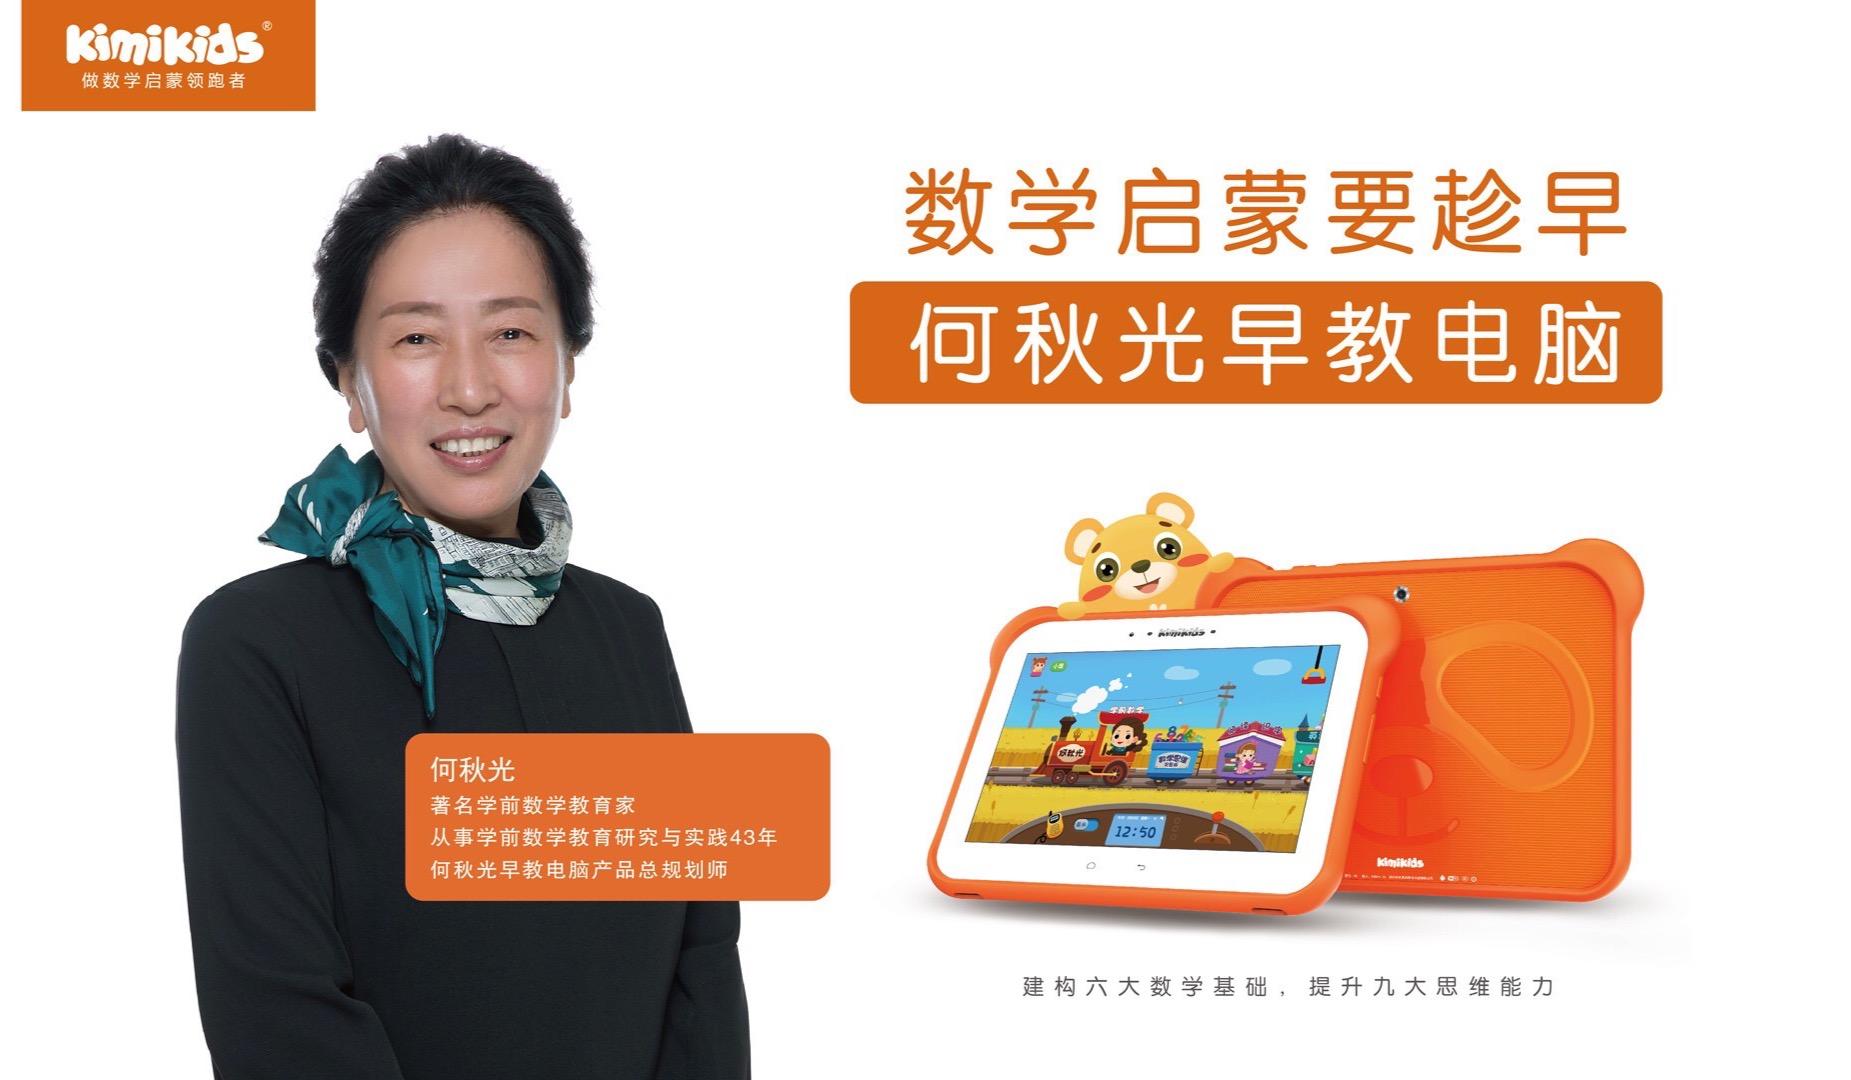 【何秋光老师】0.1元领原声学前数学课程   提升孩子九大思维能力